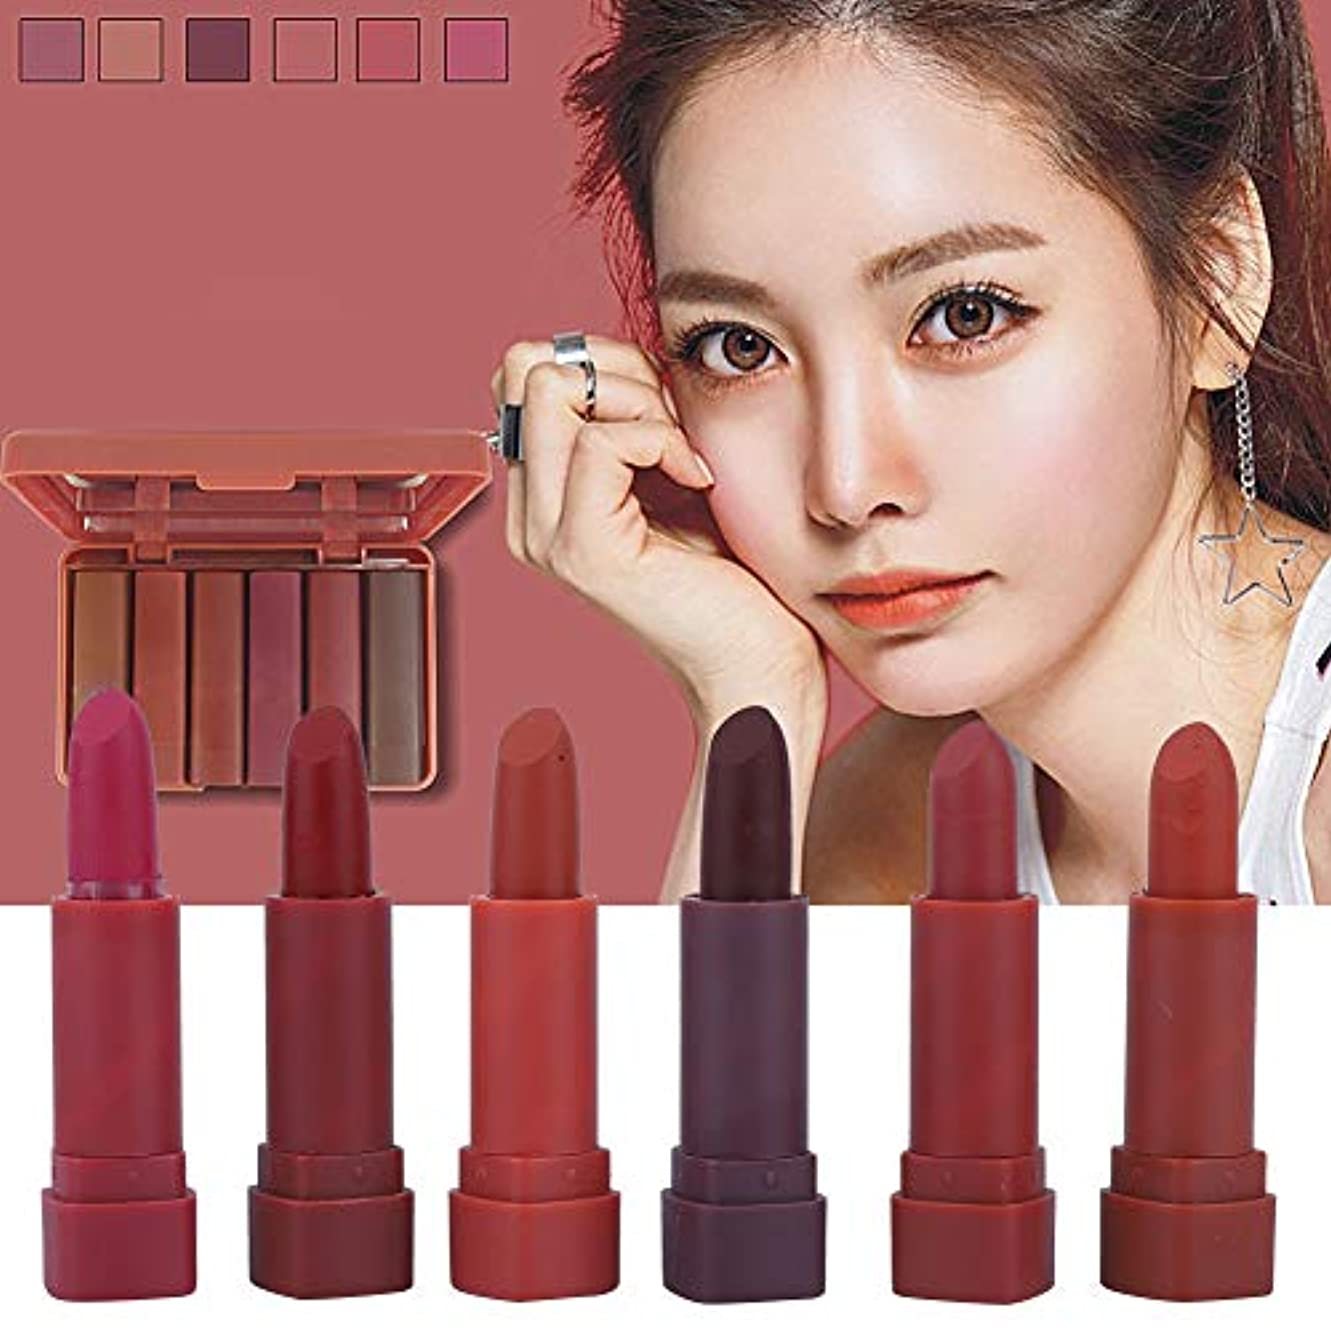 謎困難挨拶6色/セット リップスティック長続きがする自然なローズの香りの唇の化粧品